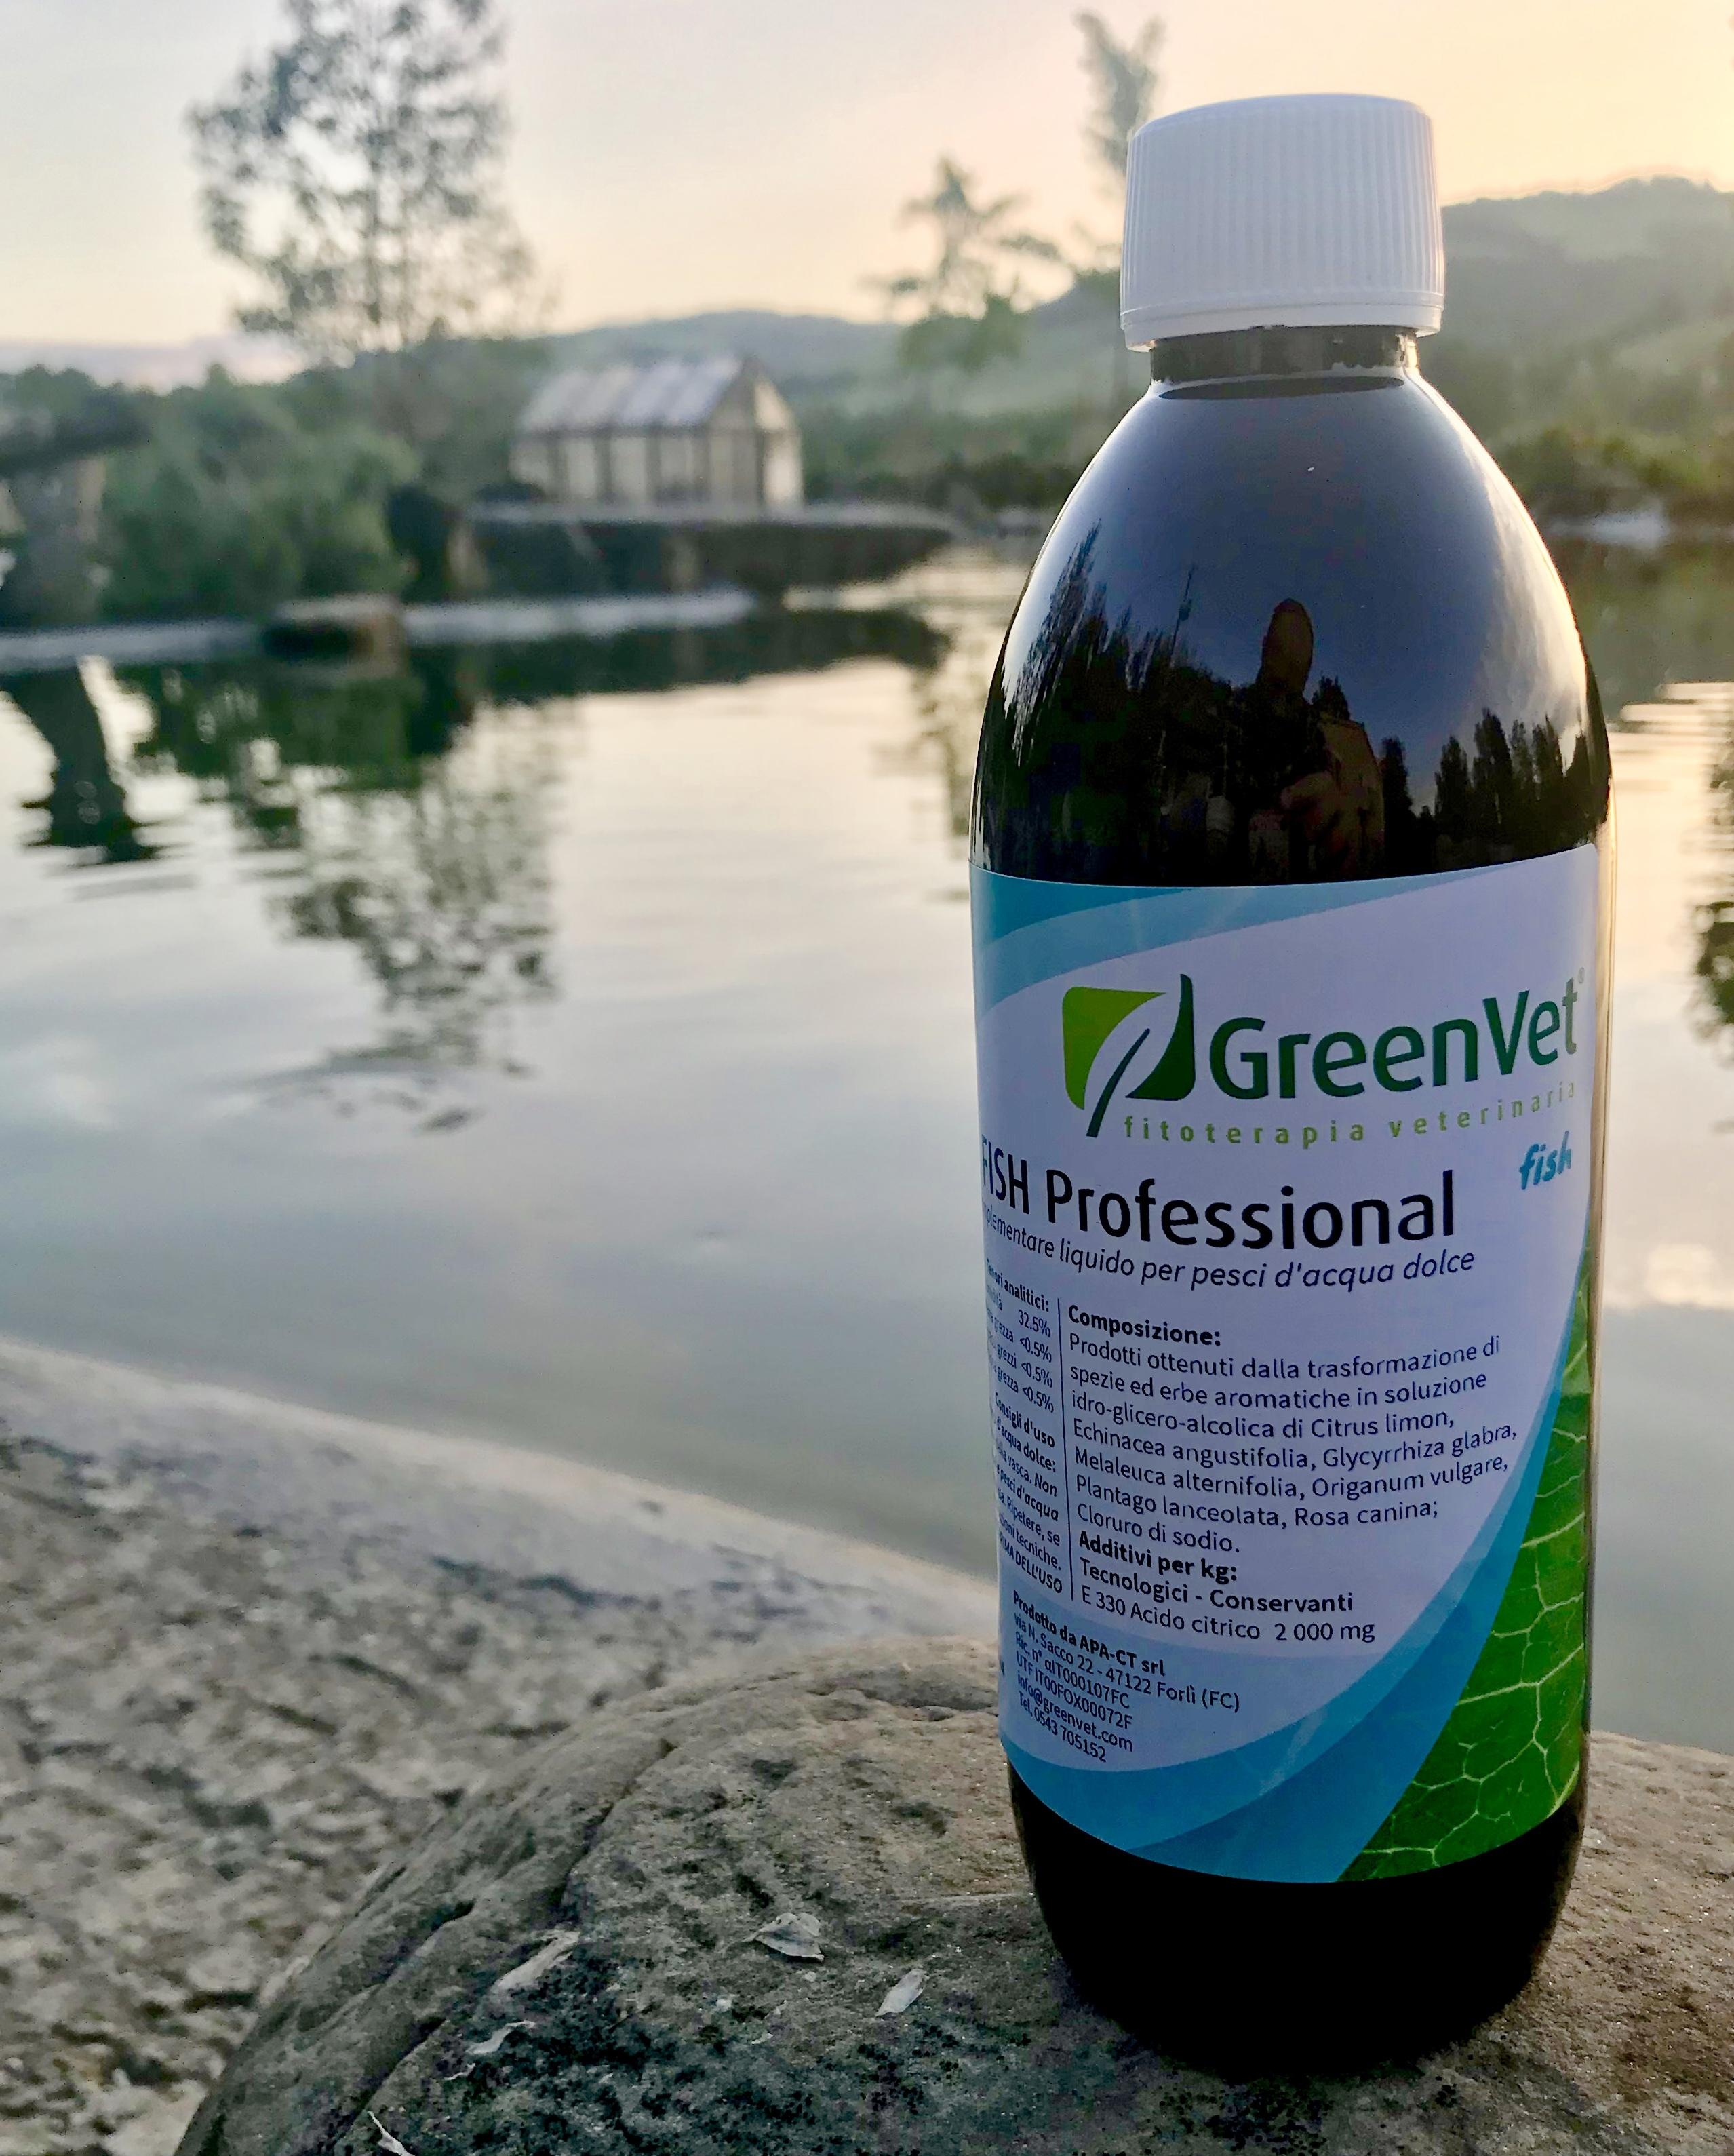 1/2 litro biocondizionatore GreenVet Gill Fish Professional